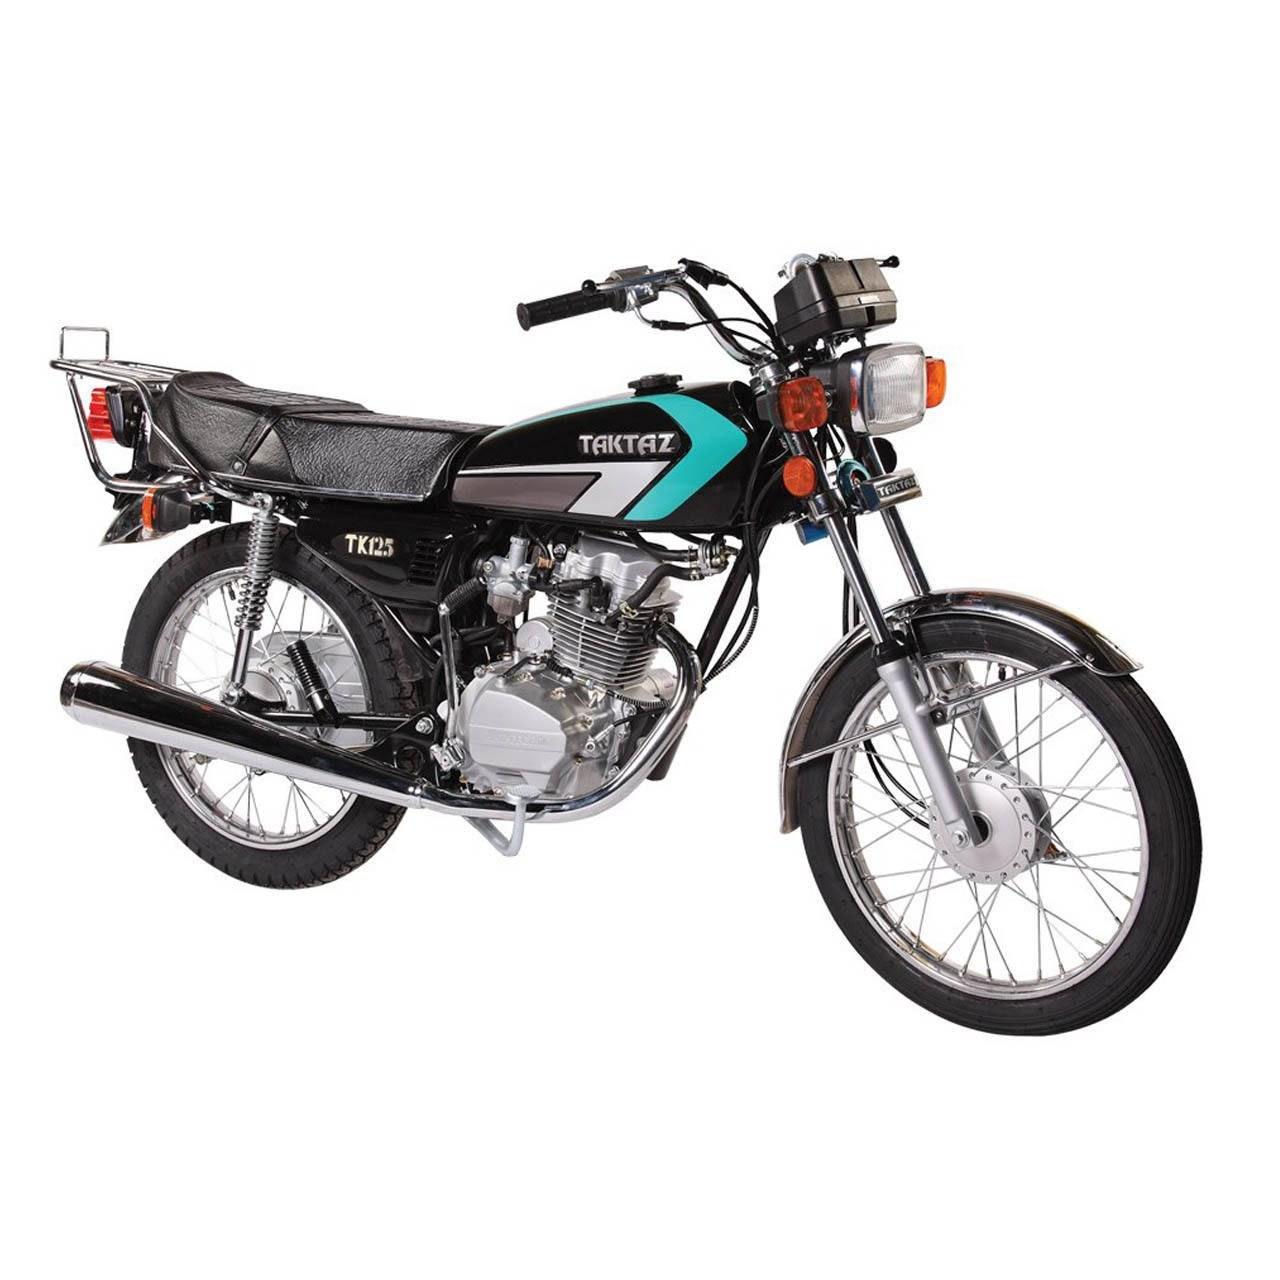 تصویر موتورسیکلت تکتاز مدل TK125 استارتی سال 1400